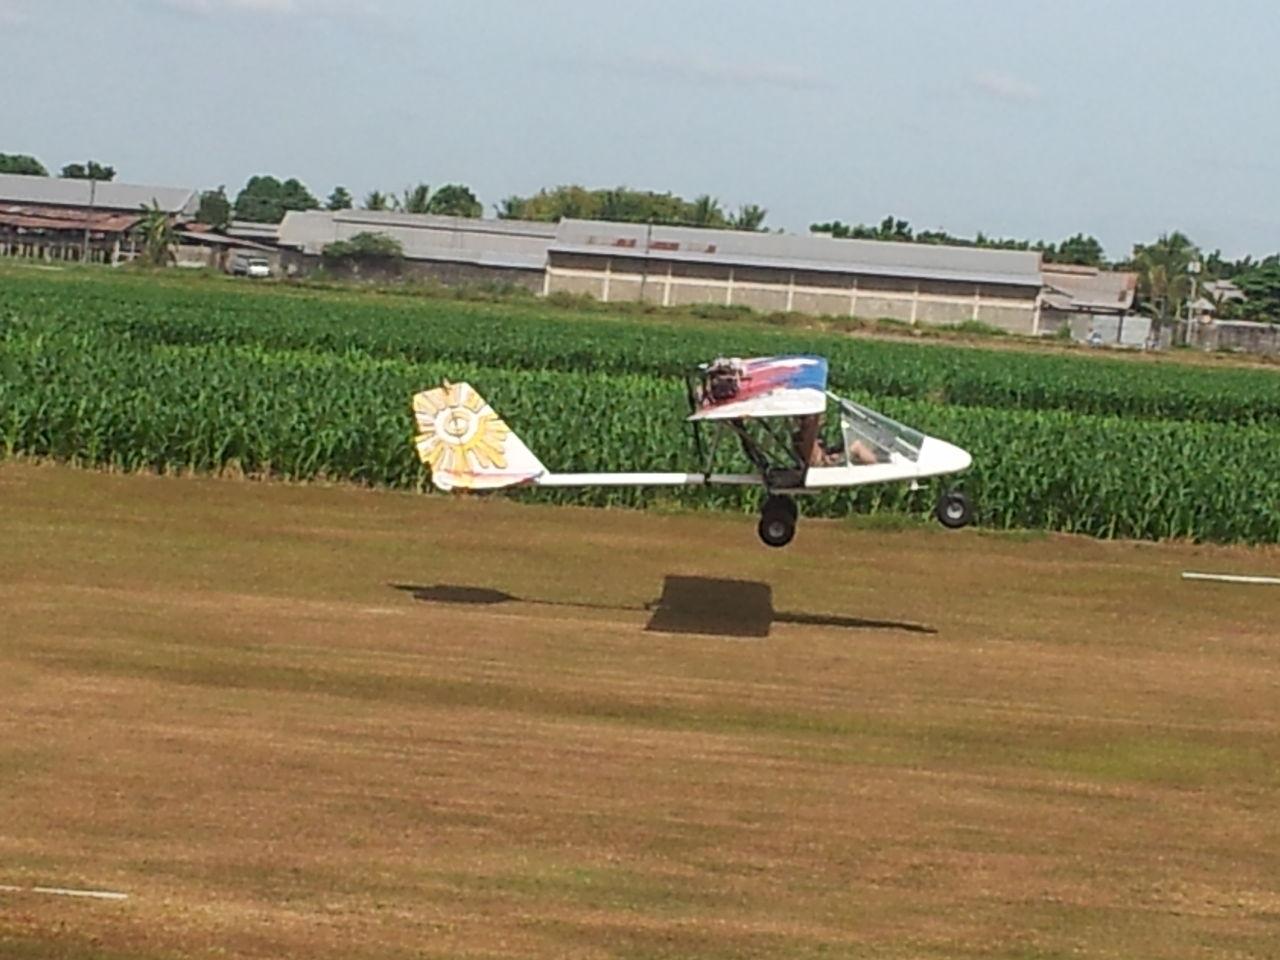 light plane activityに参加~模型のような飛行機に乗ってきました~